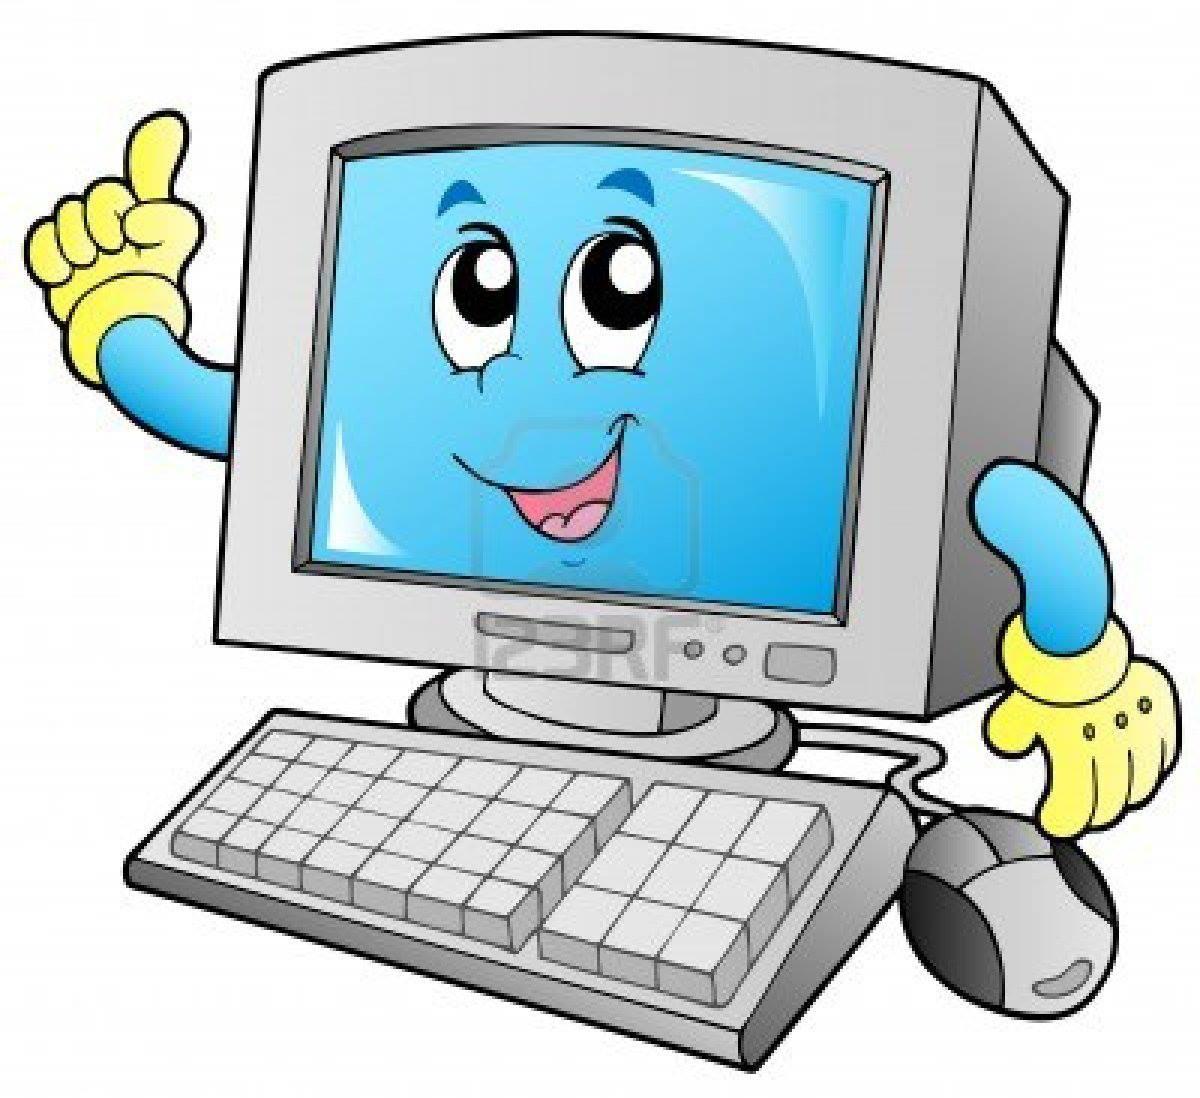 depannage-informatique-pc-ordinateur-7j7-a-domicile-